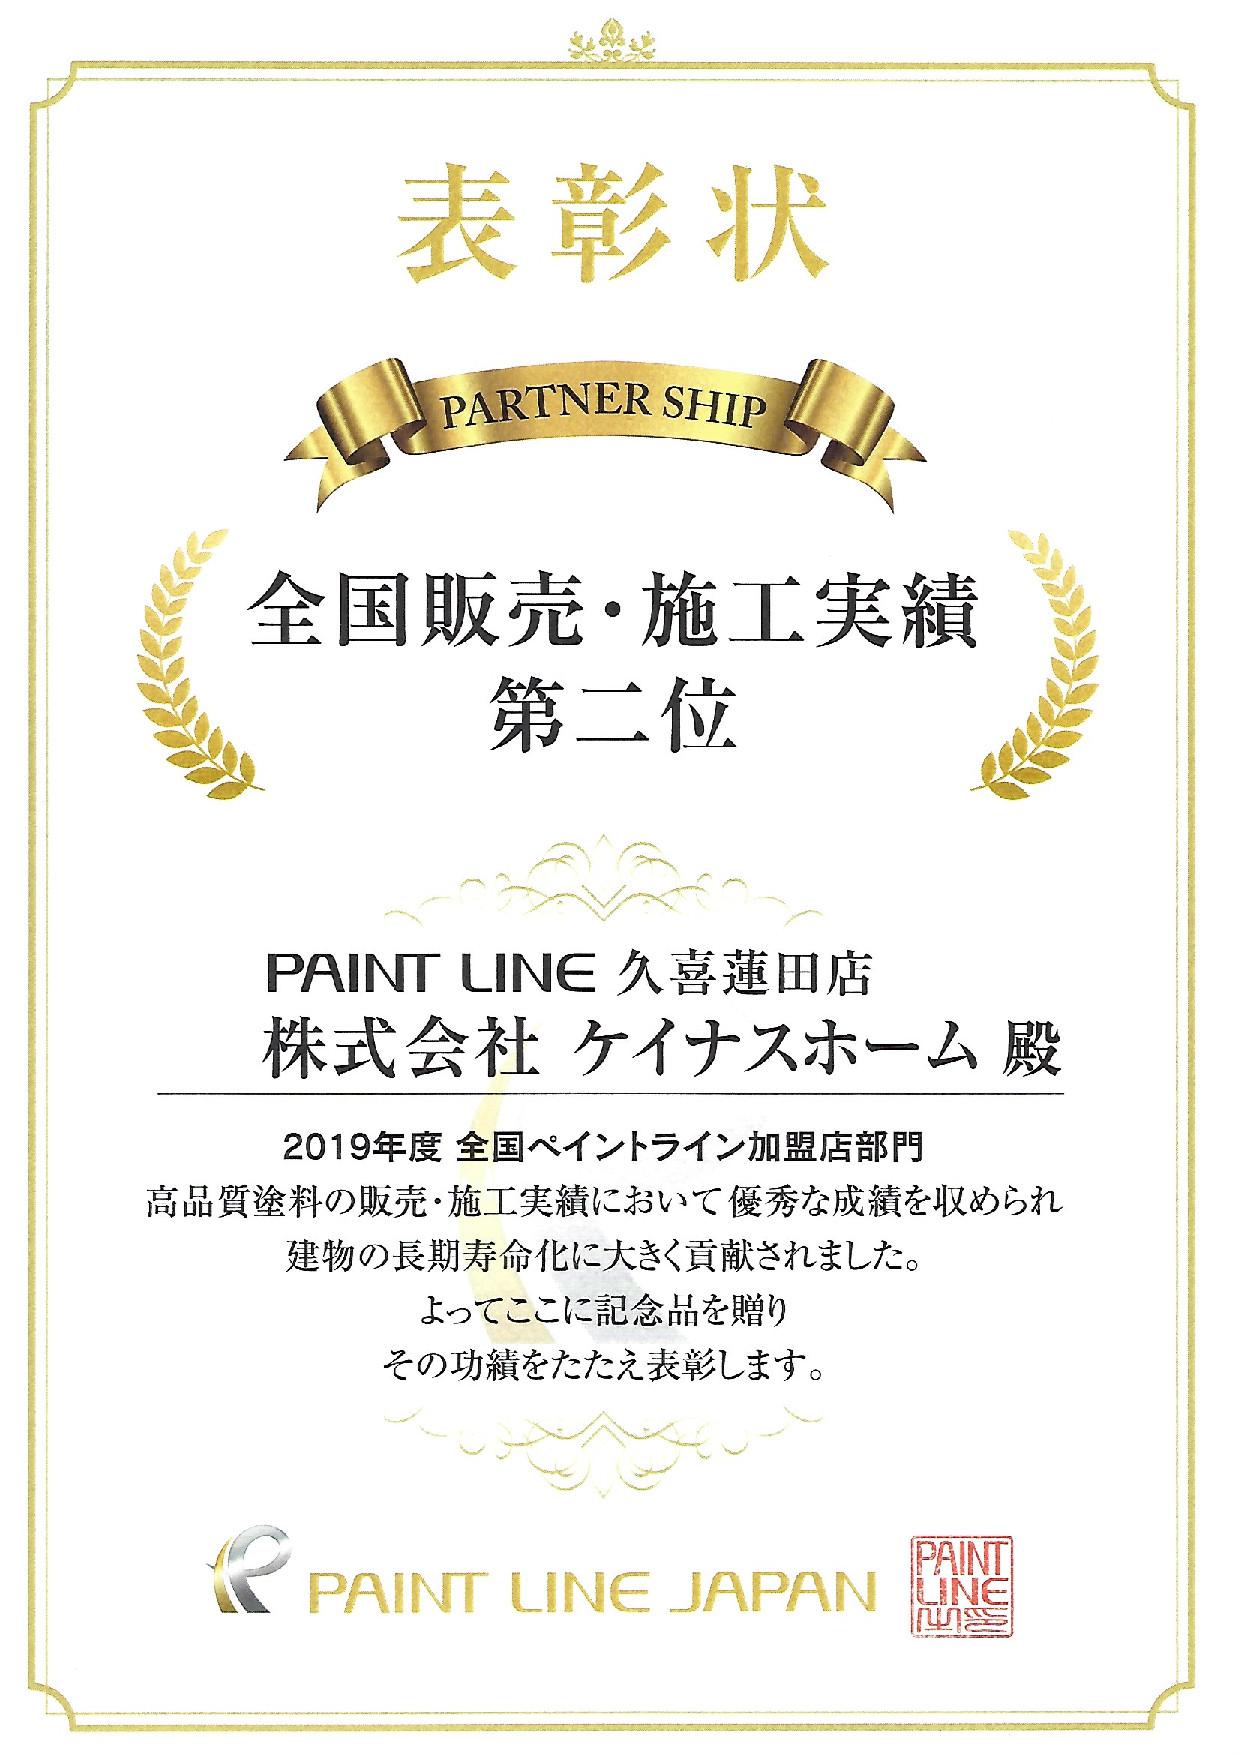 ペイントライン 埼玉県 蓮田 伊奈 全国販売 全国施工実績 表彰